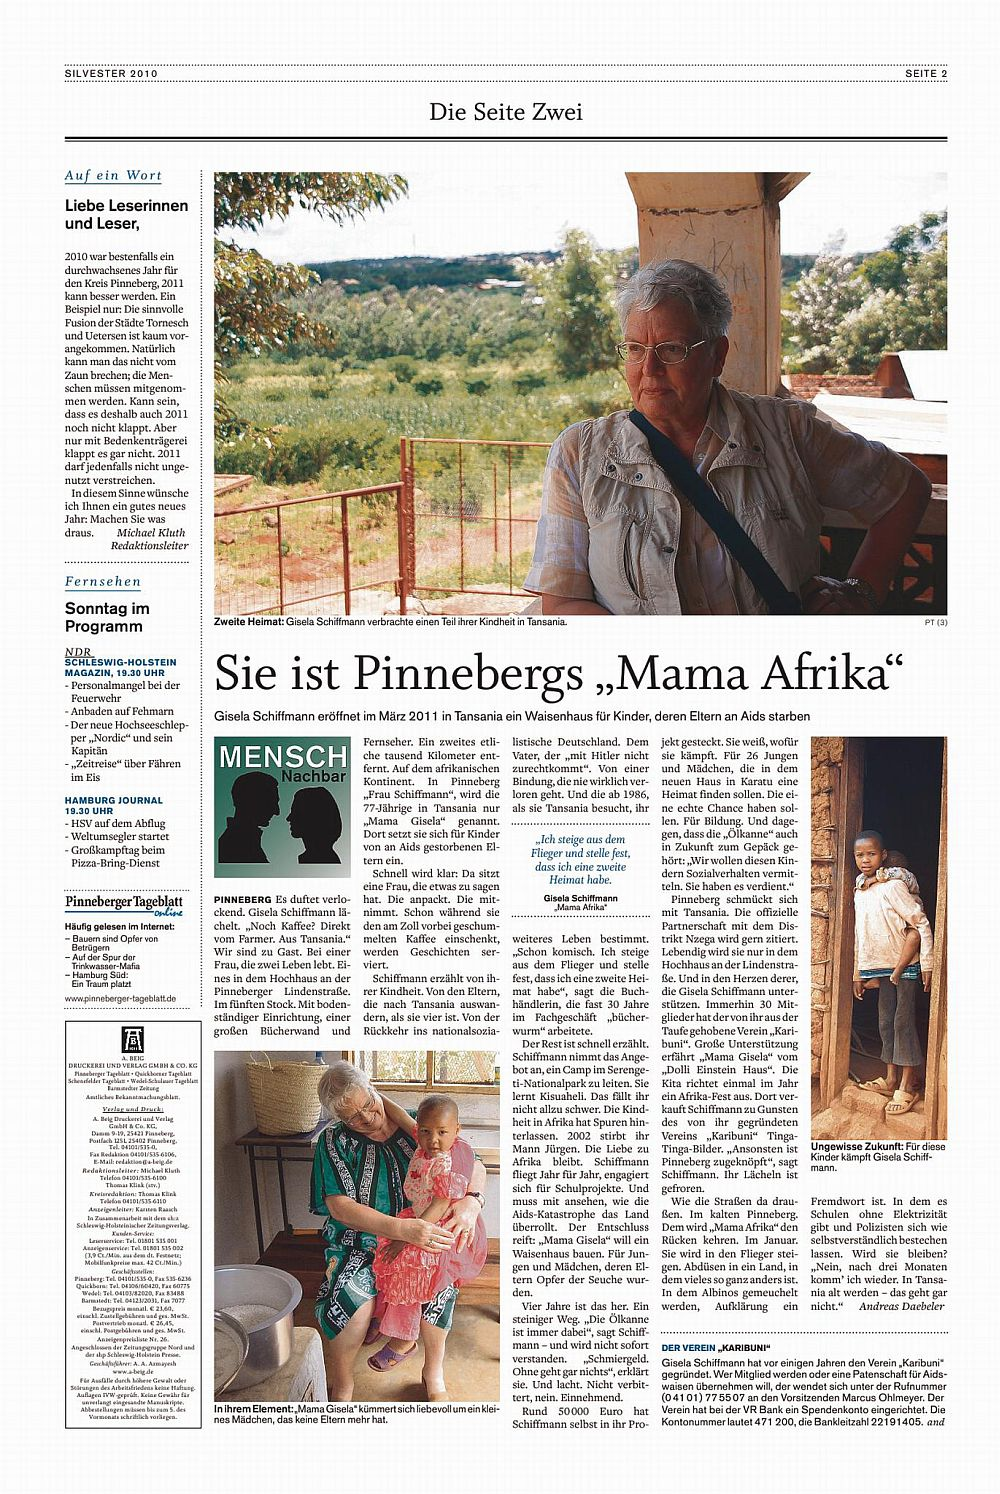 Ein Artikel des Pinneberger Tageblattes über die Eröffnung des Waisenhauses